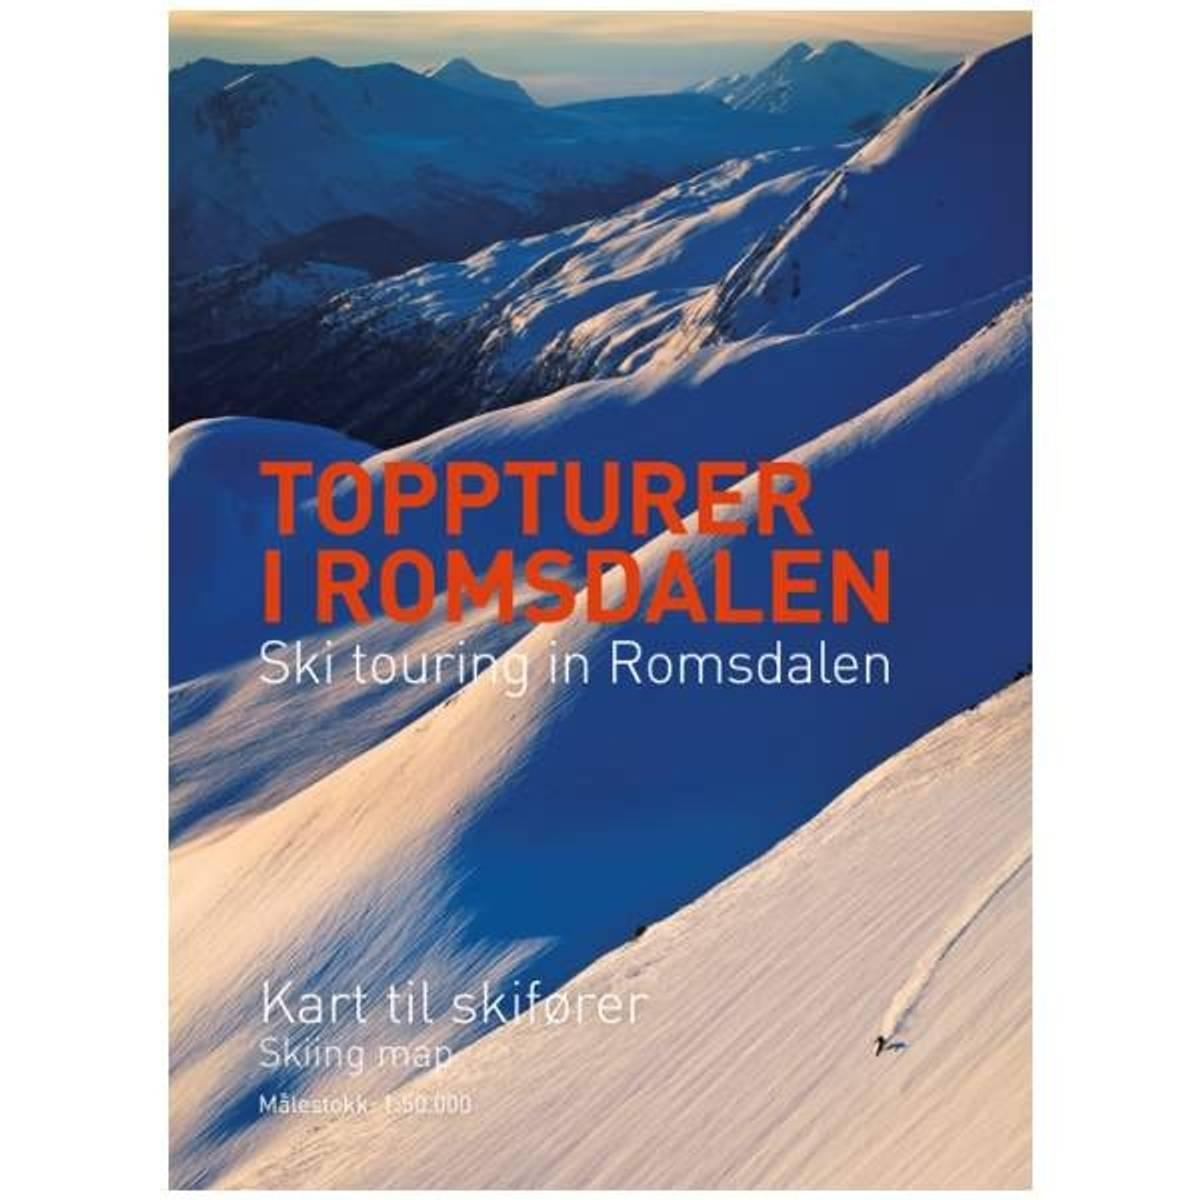 Toppturer i Romsdalen - Kart til skifører 1:50.000